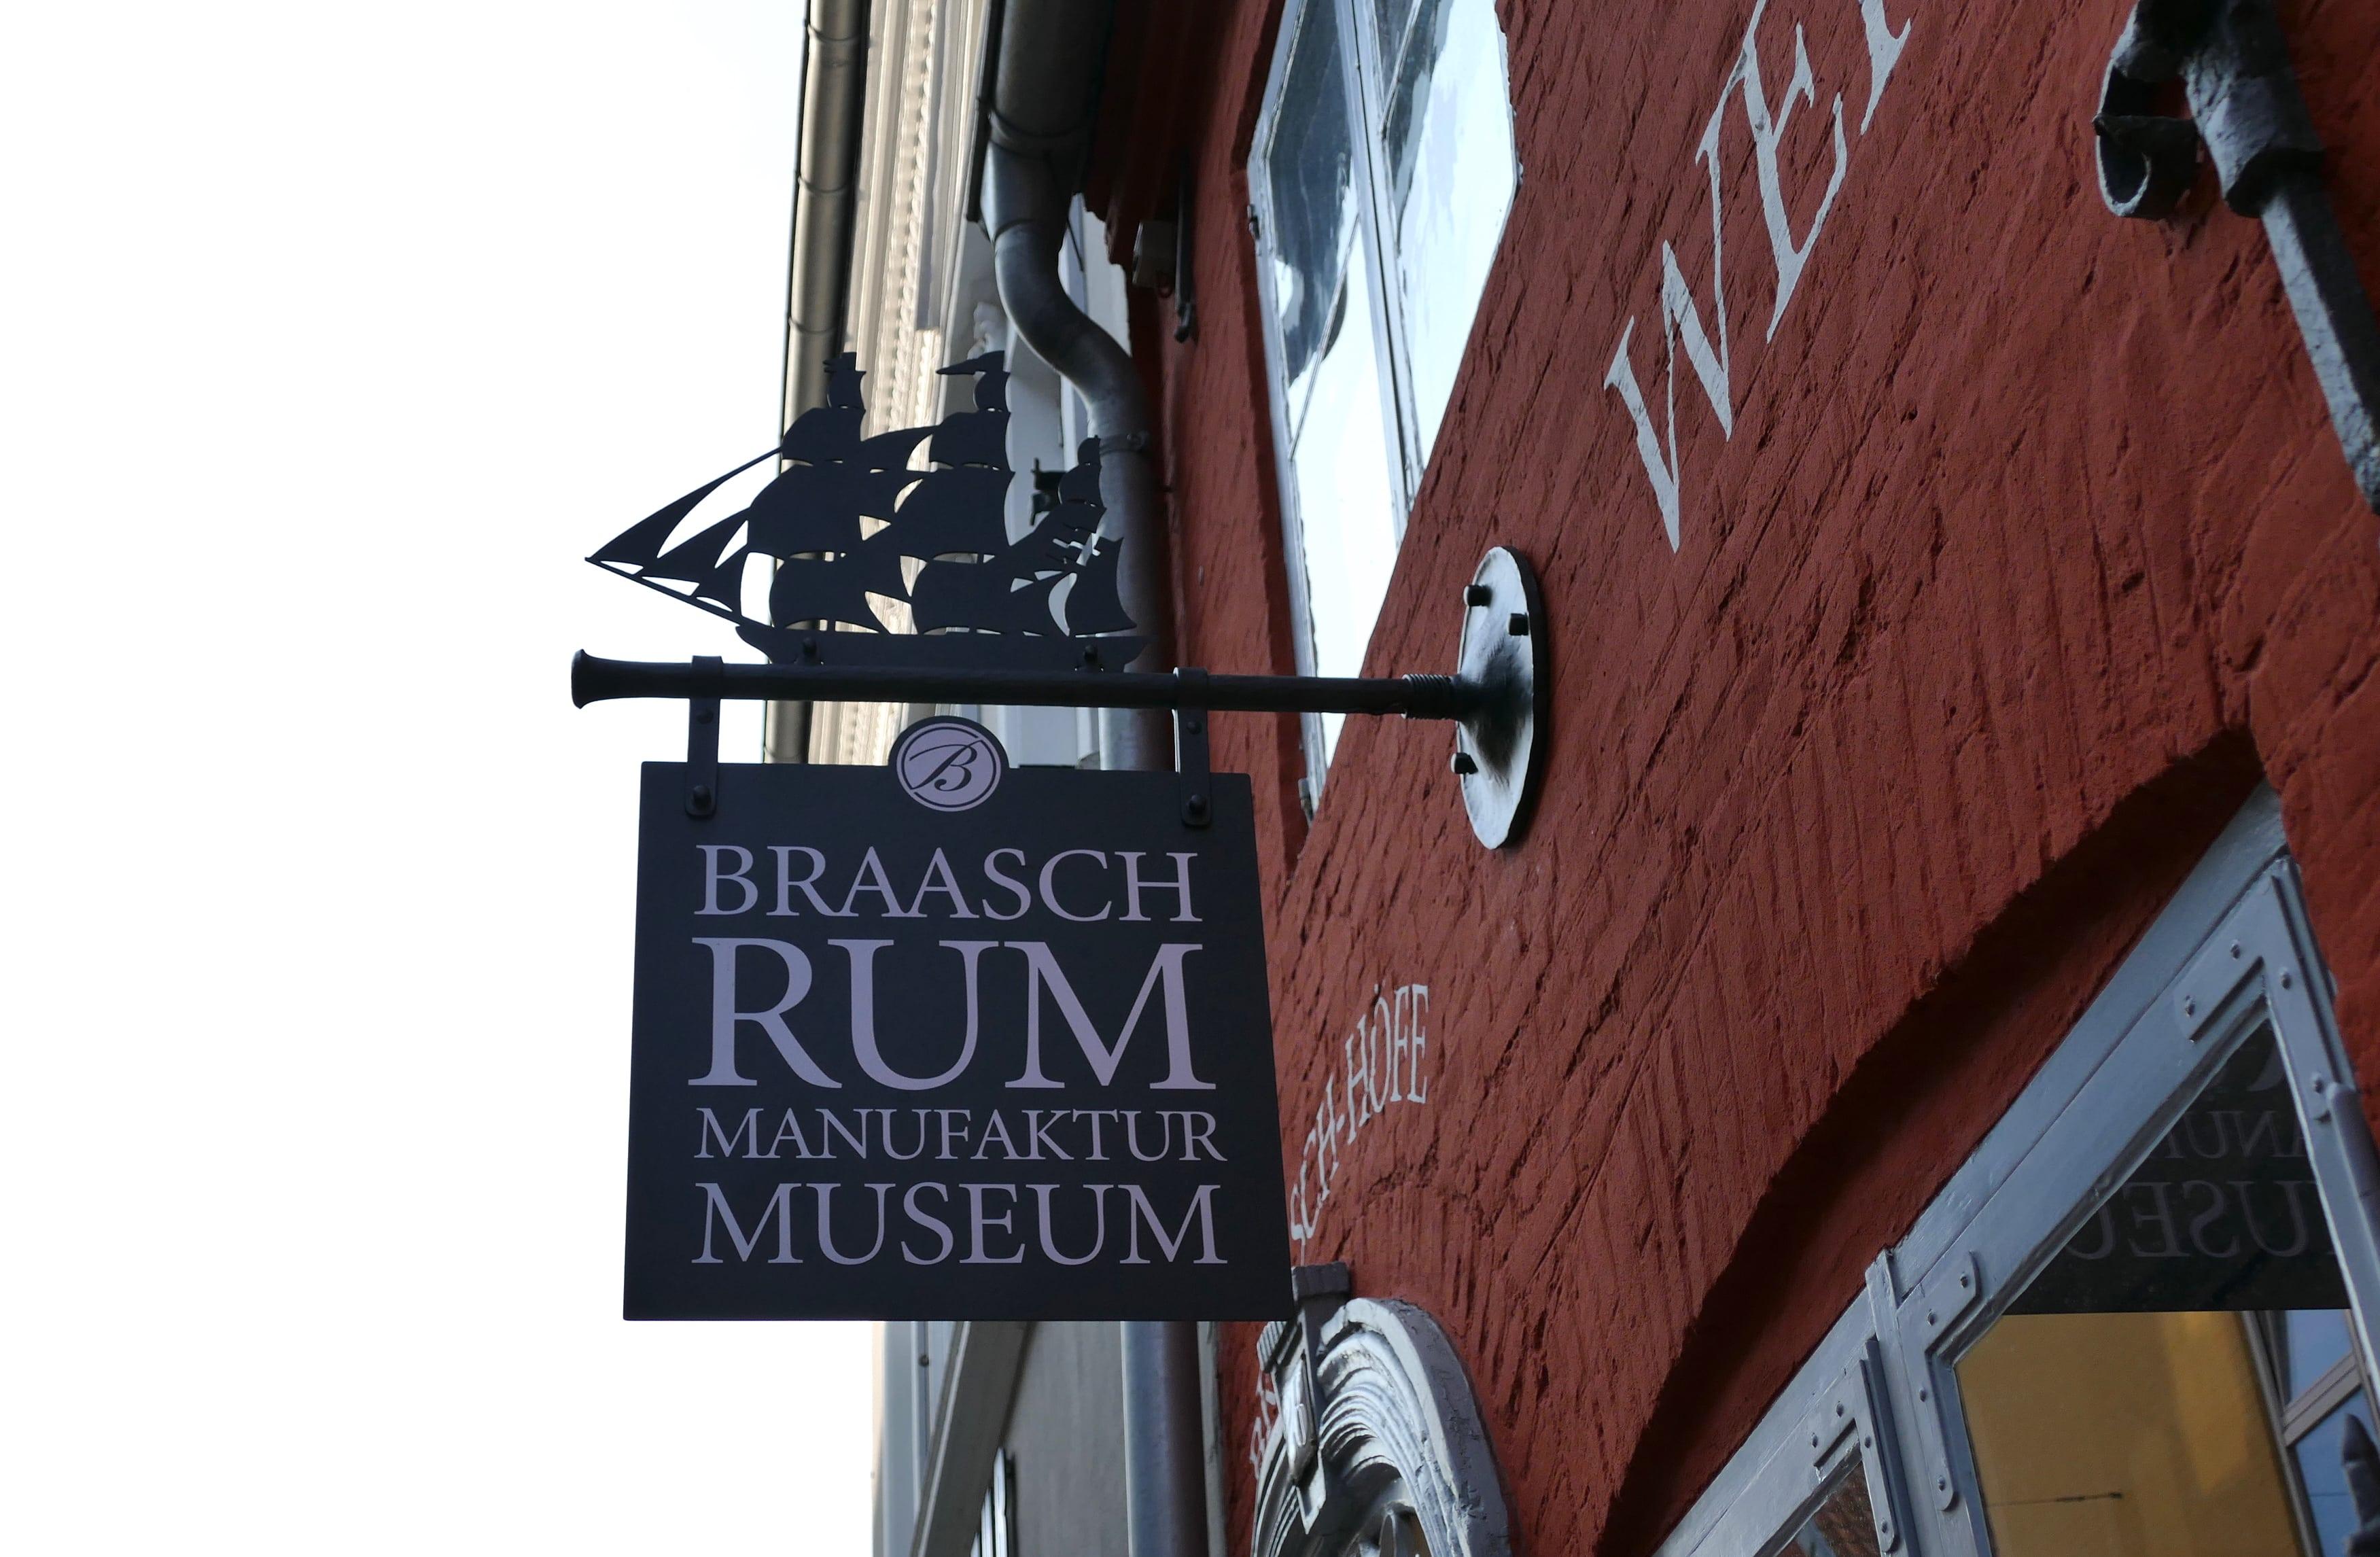 Wein- und Rum-Manufaktur Braasch